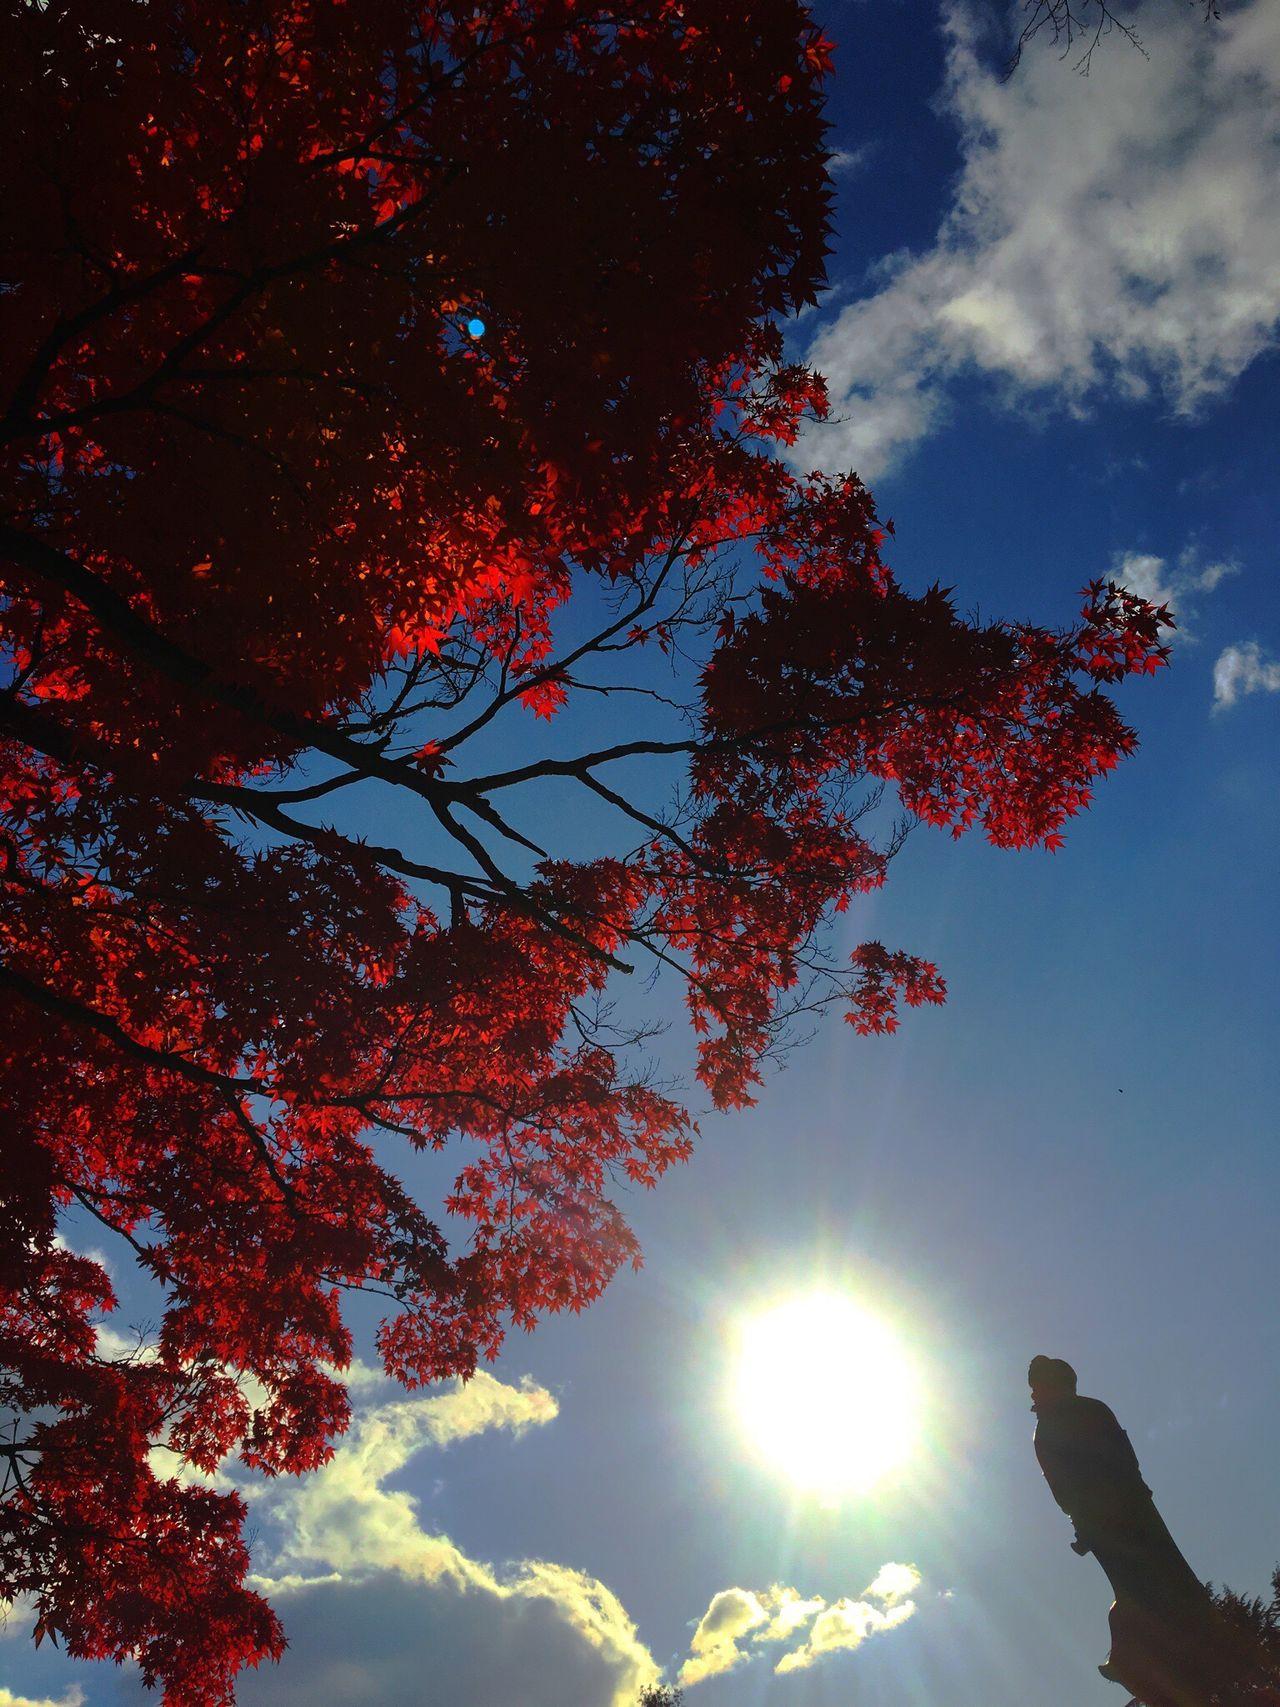 市街地でも紅葉が真っ赤に染まりましたね。秋から冬へ真っしぐらです。 Tree Low Angle View Nature Sky Sunlight Sunbeam Beauty In Nature Cloud - Sky Day Sendai Days Statue Of Peaceful Prayers Clouds And Sky Autumn Autumn Colors Autumn Leaves Autumn Leaves Have Fallen, Winter Is Approaching... Miyagi